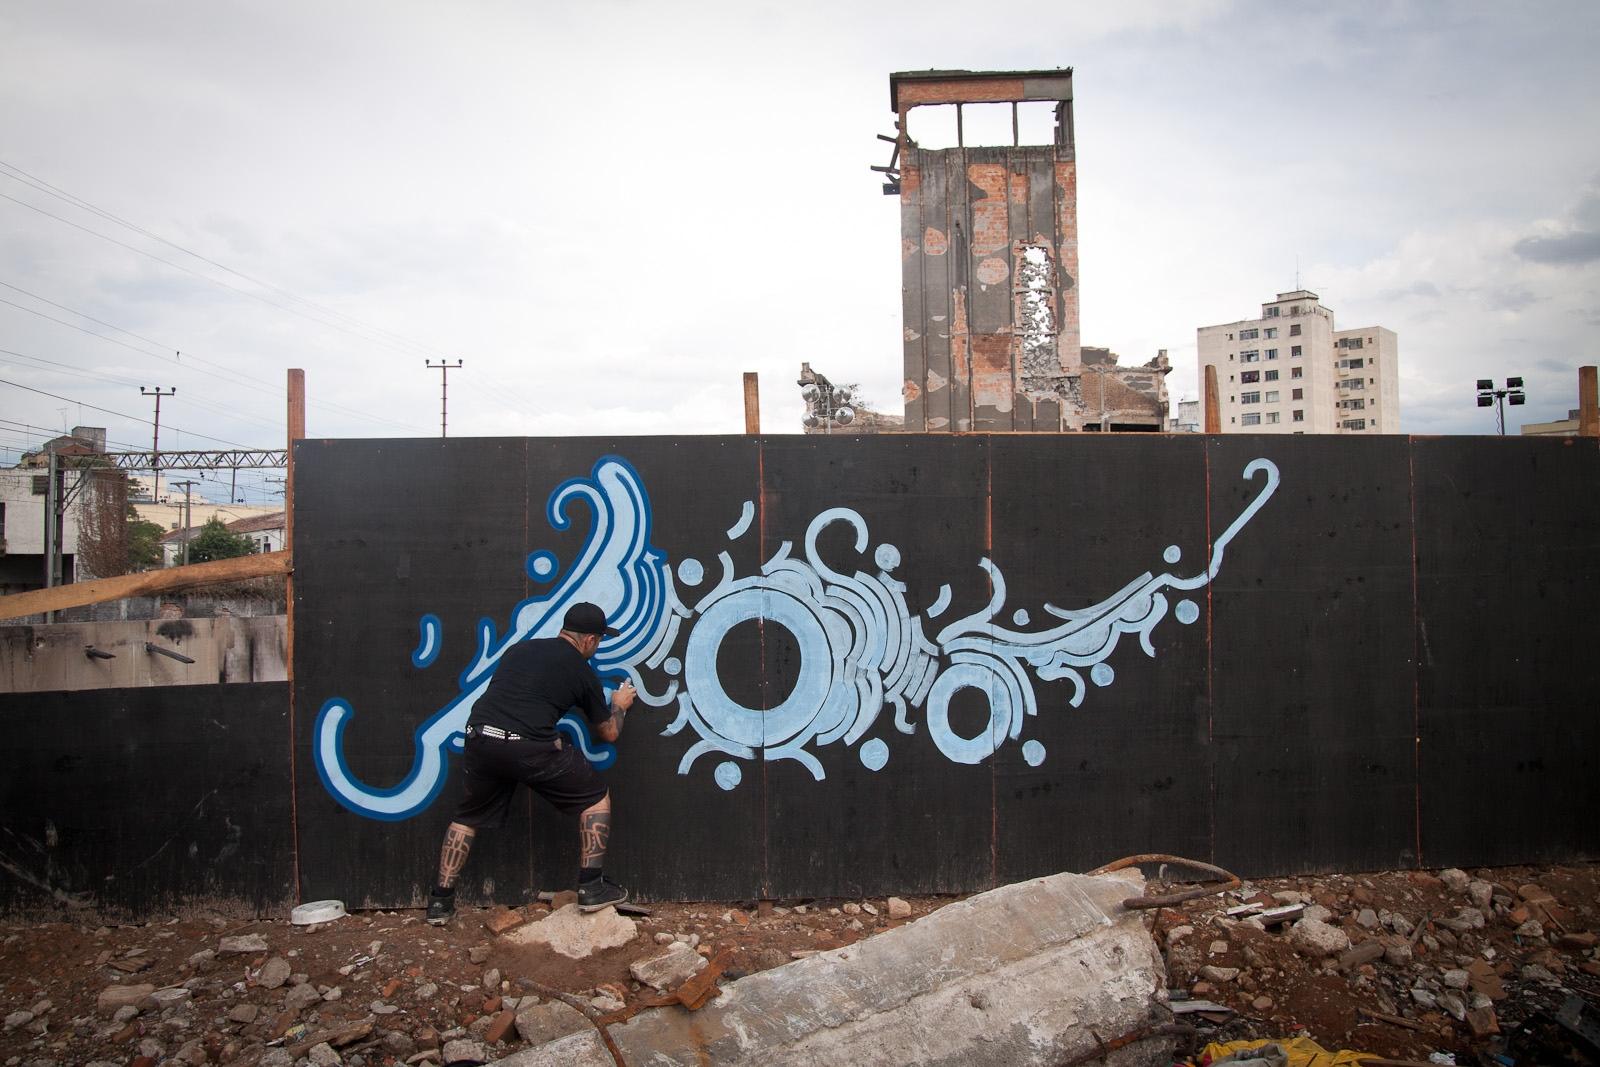 Zezão na favela do Moinho / Street artist Zezão at Moinho favela